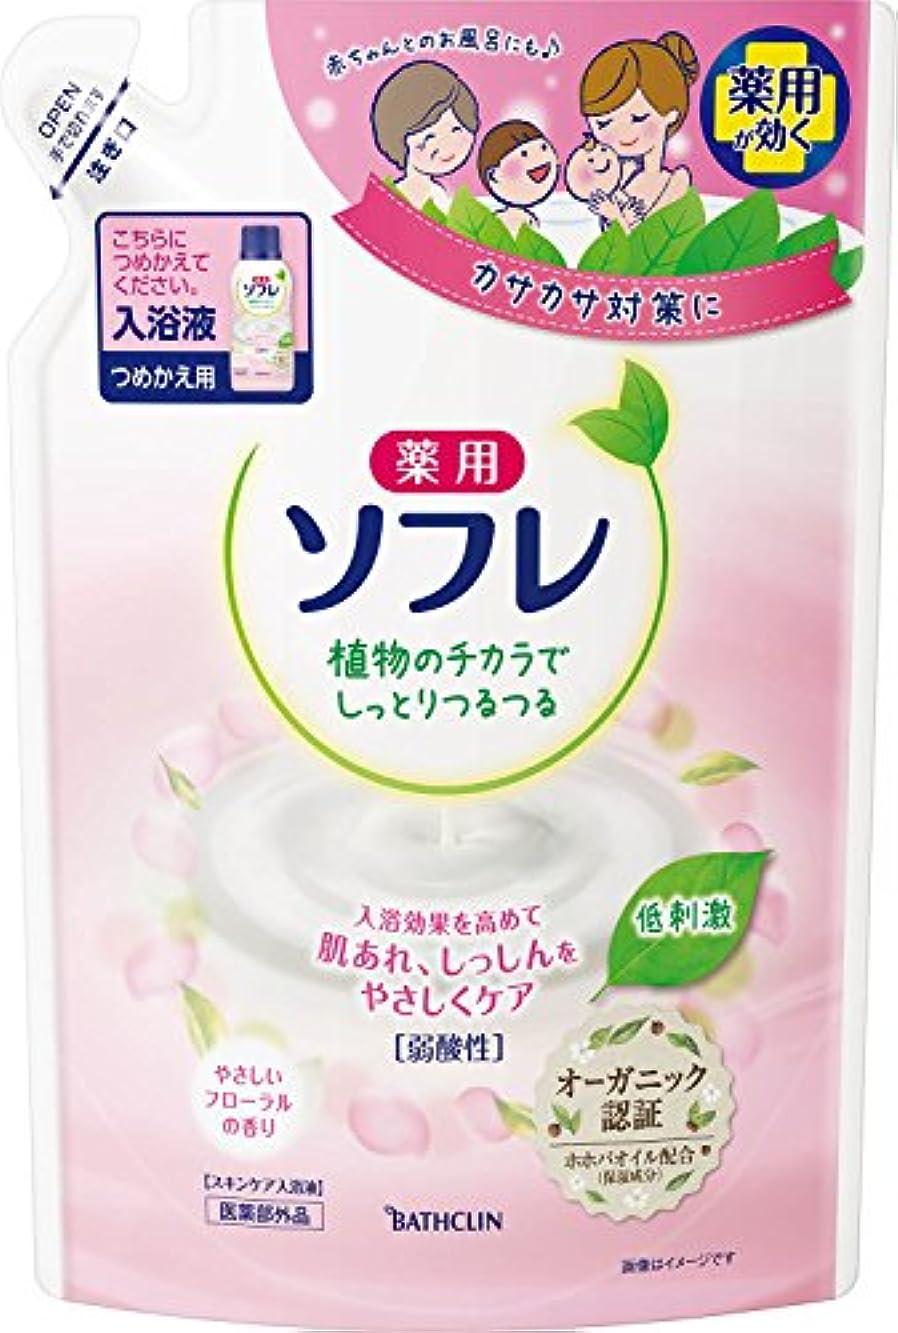 トリップ下品克服する【医薬部外品】薬用ソフレ スキンケア入浴剤 やさしいフローラルの香り つめかえ用 600ml 入浴剤(赤ちゃんと一緒に使えます) 保湿タイプ